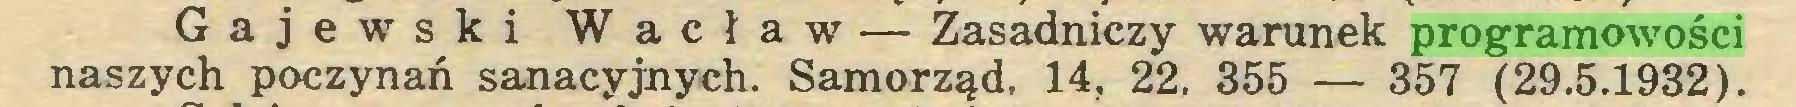 (...) Gajewski Wacław — Zasadniczy warunek programowości naszych poczynań sanacyjnych. Samorząd, 14, 22, 355 — 357 (29.5.1932)...